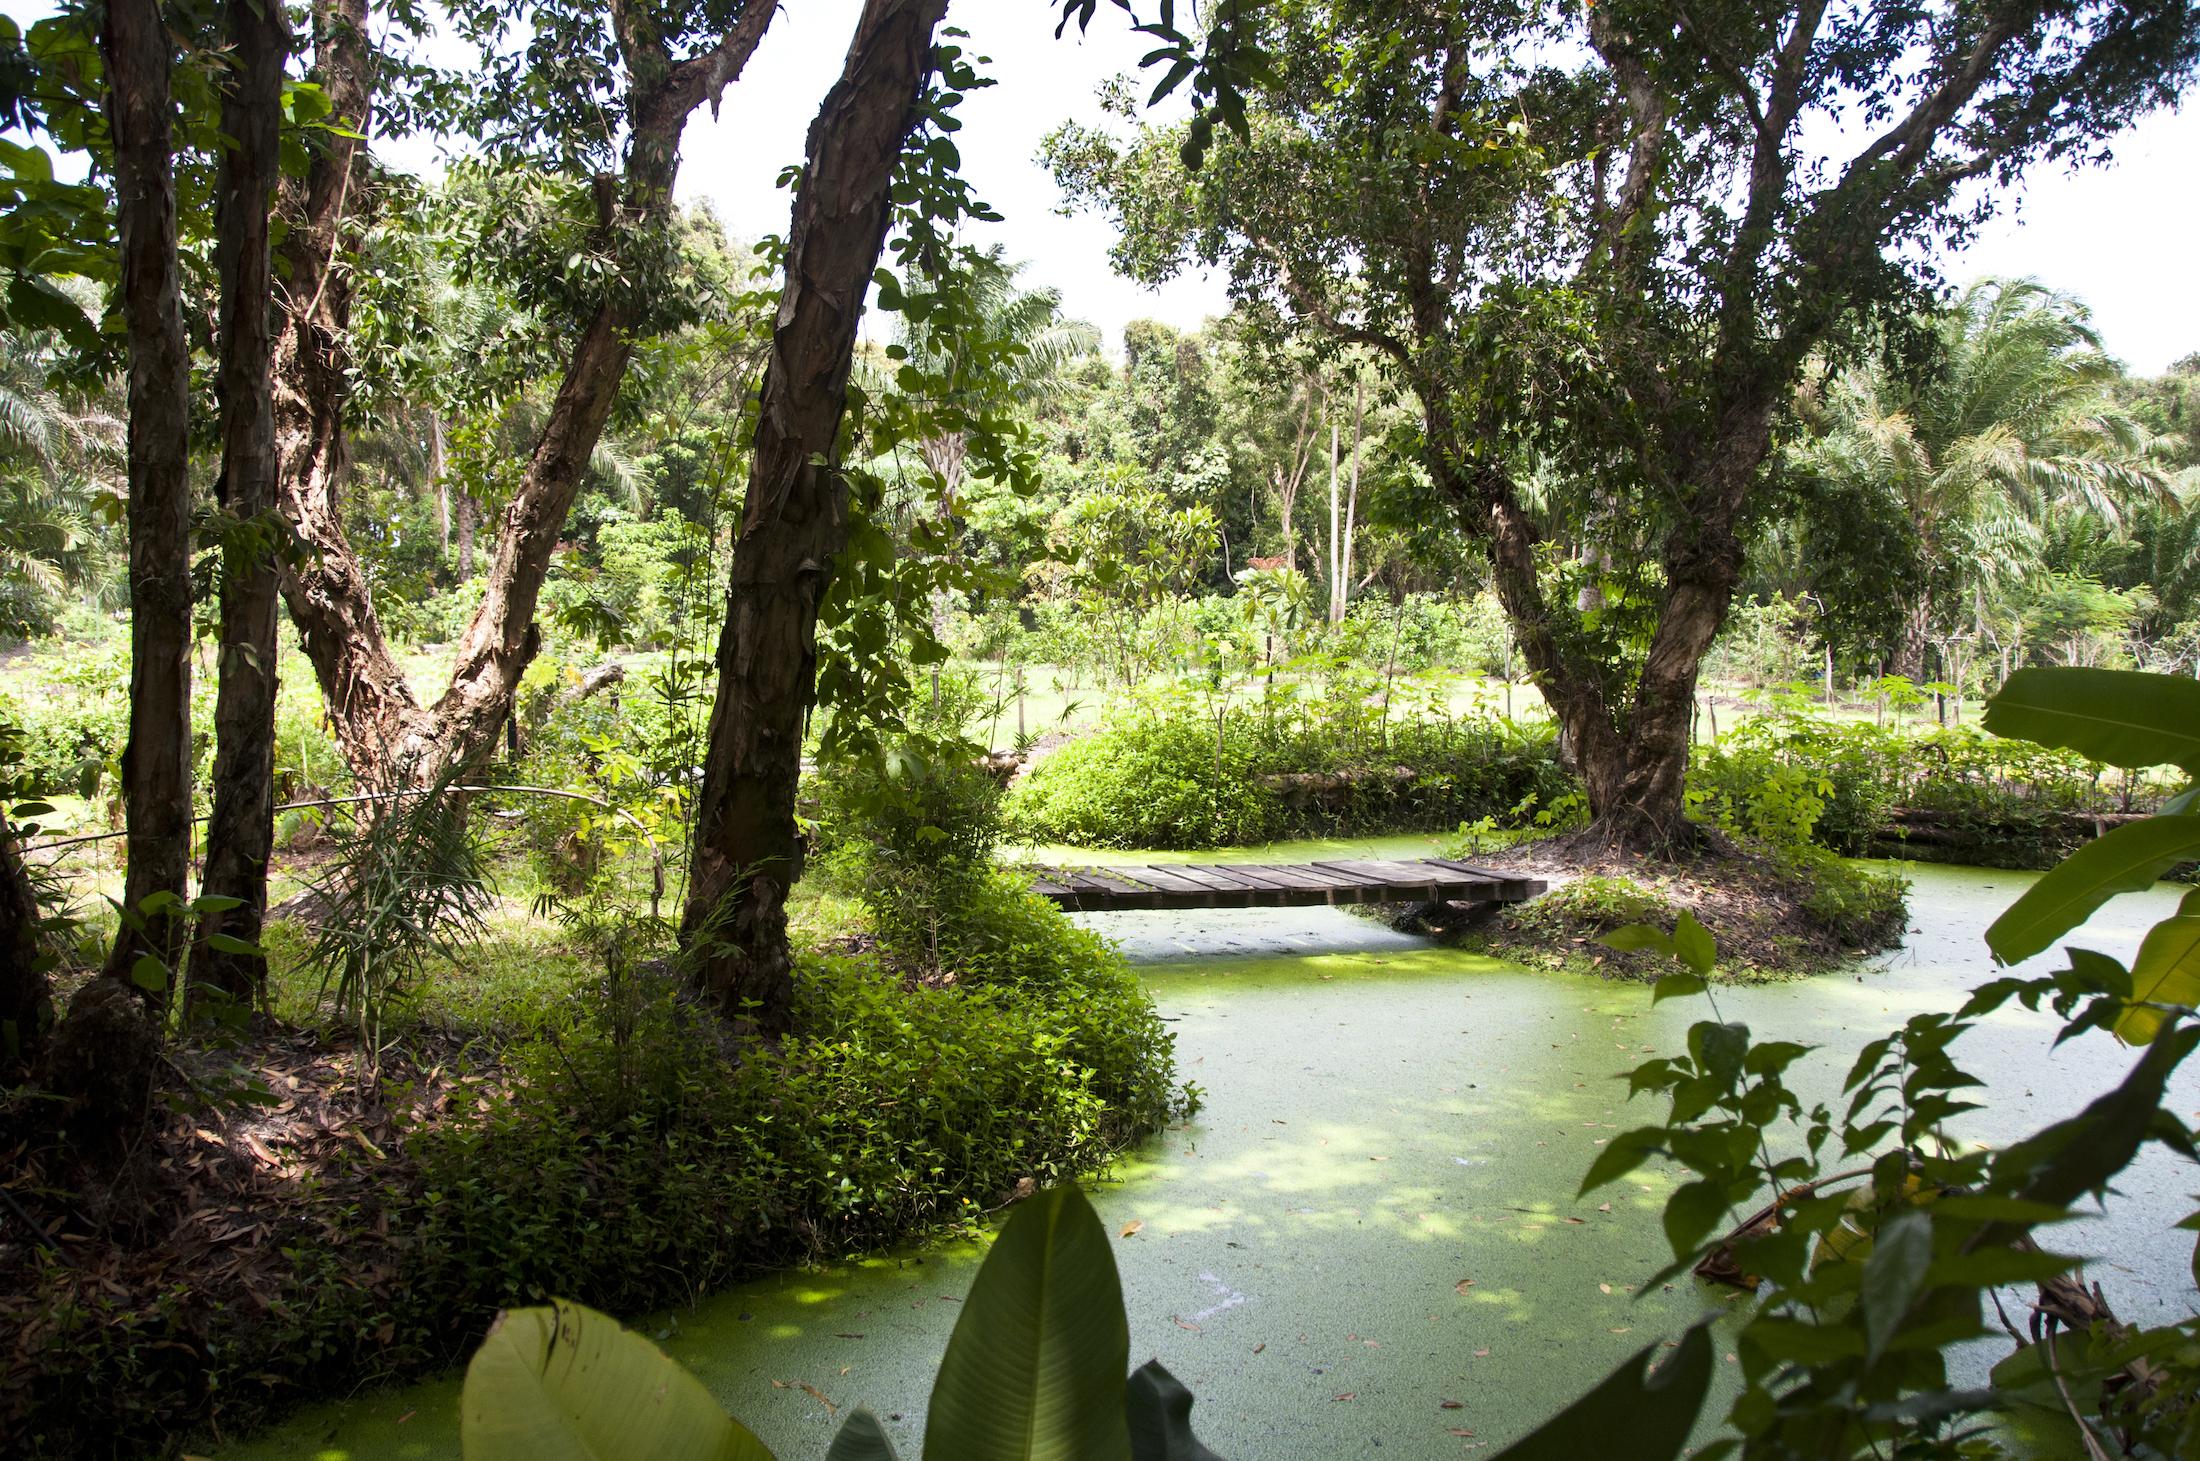 Les jardins de l'Hôtel du Parc de Port-Gentil au Gabon